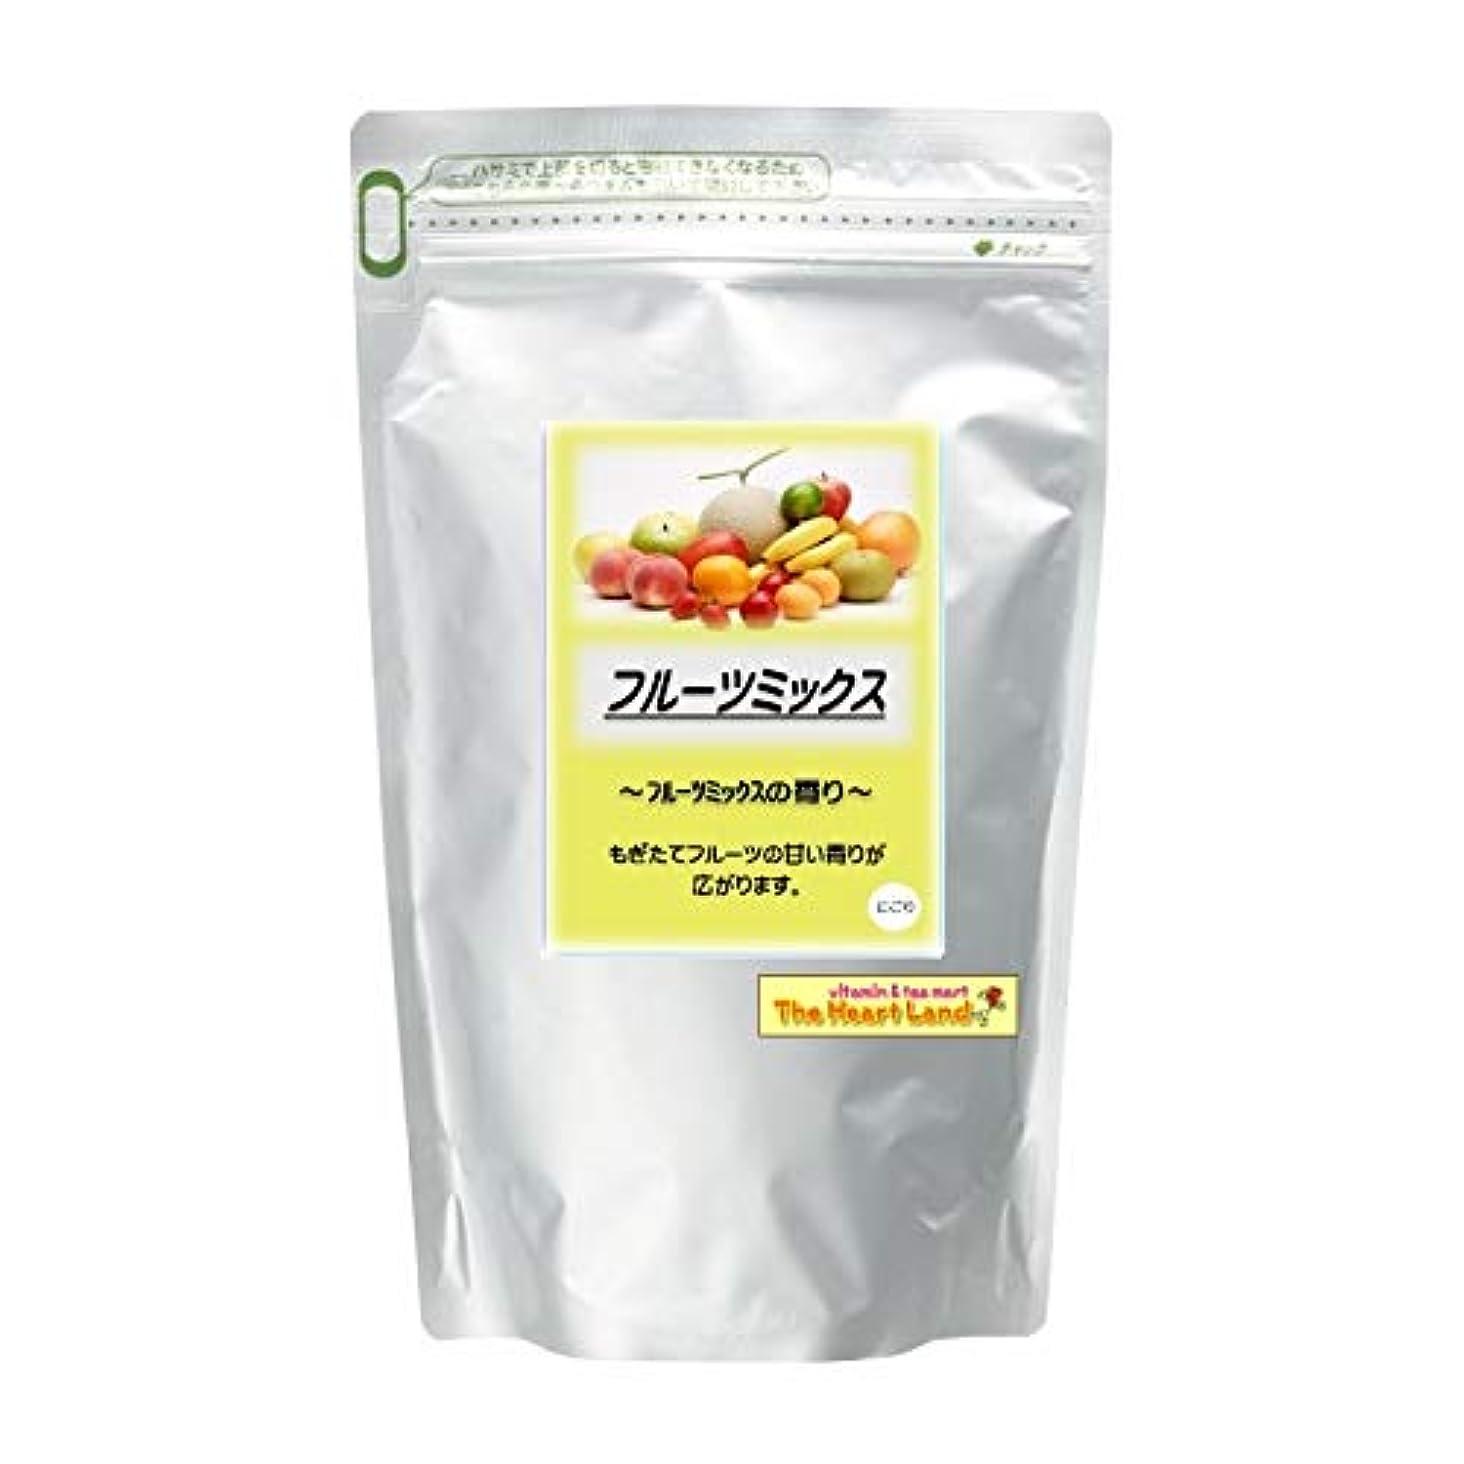 踏みつけモート次アサヒ入浴剤 浴用入浴化粧品 フルーツミックス 2.5kg